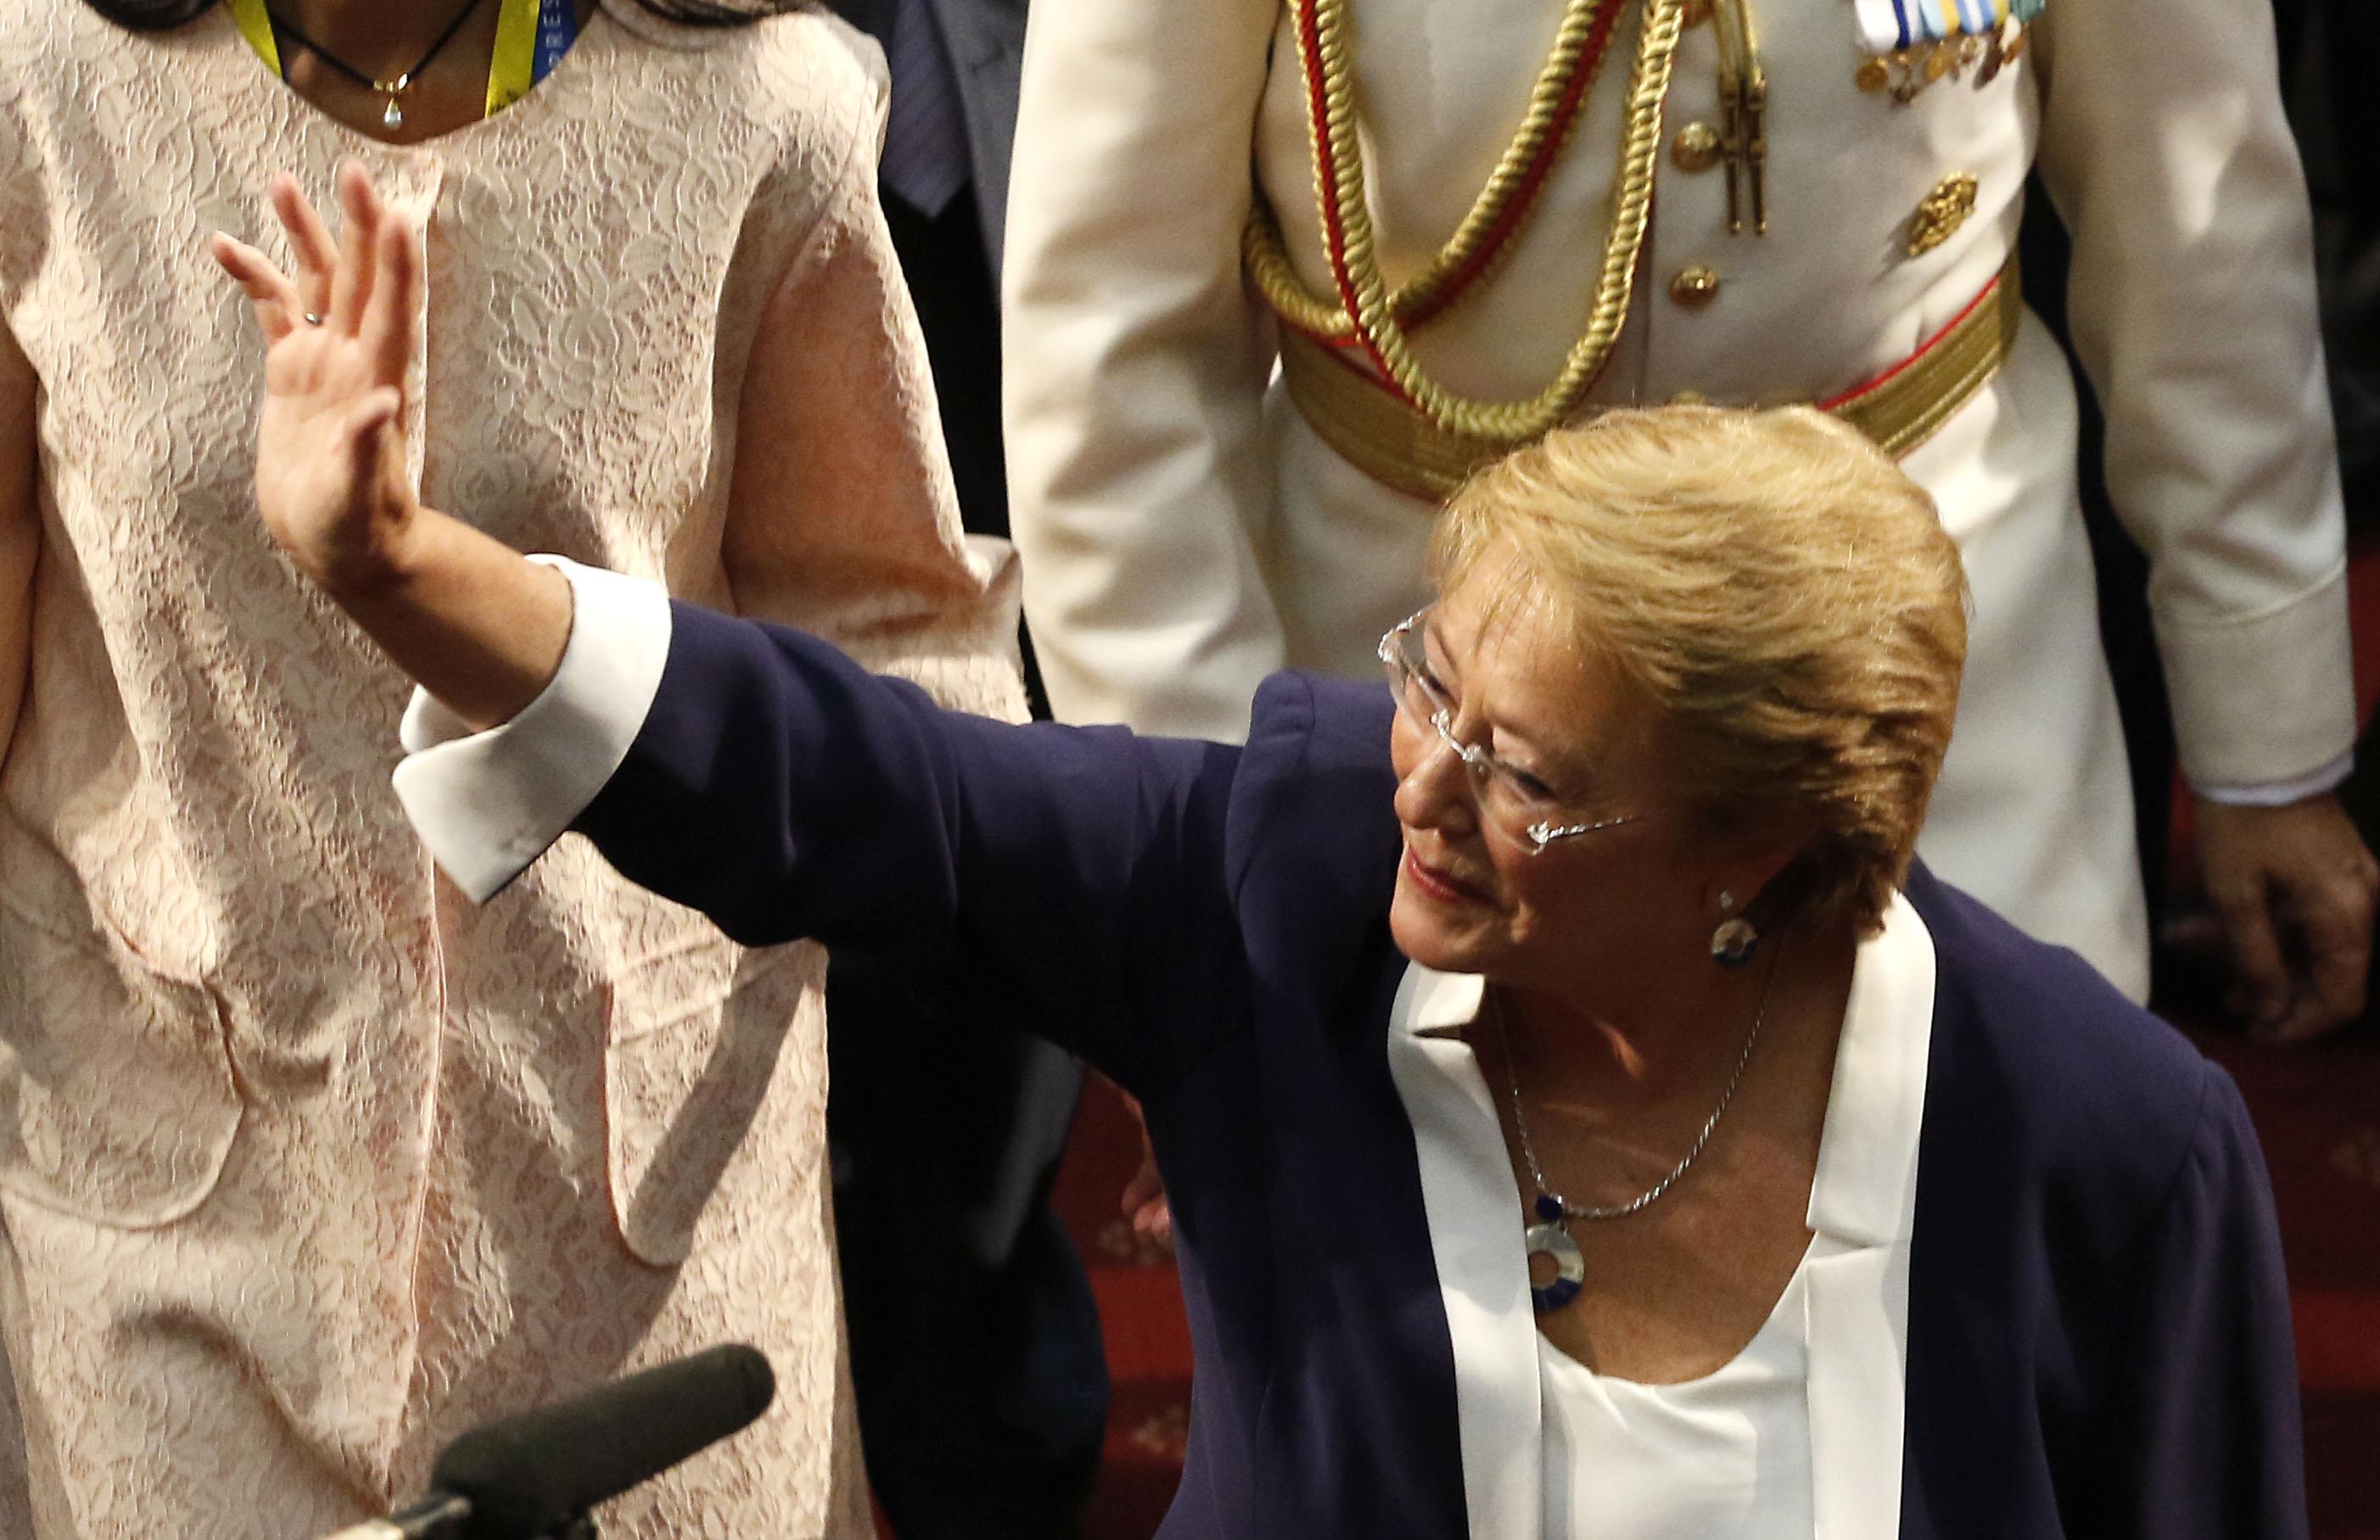 Gobierno de Bachelet aumentó gastos en vehículos, viáticos y horas extras